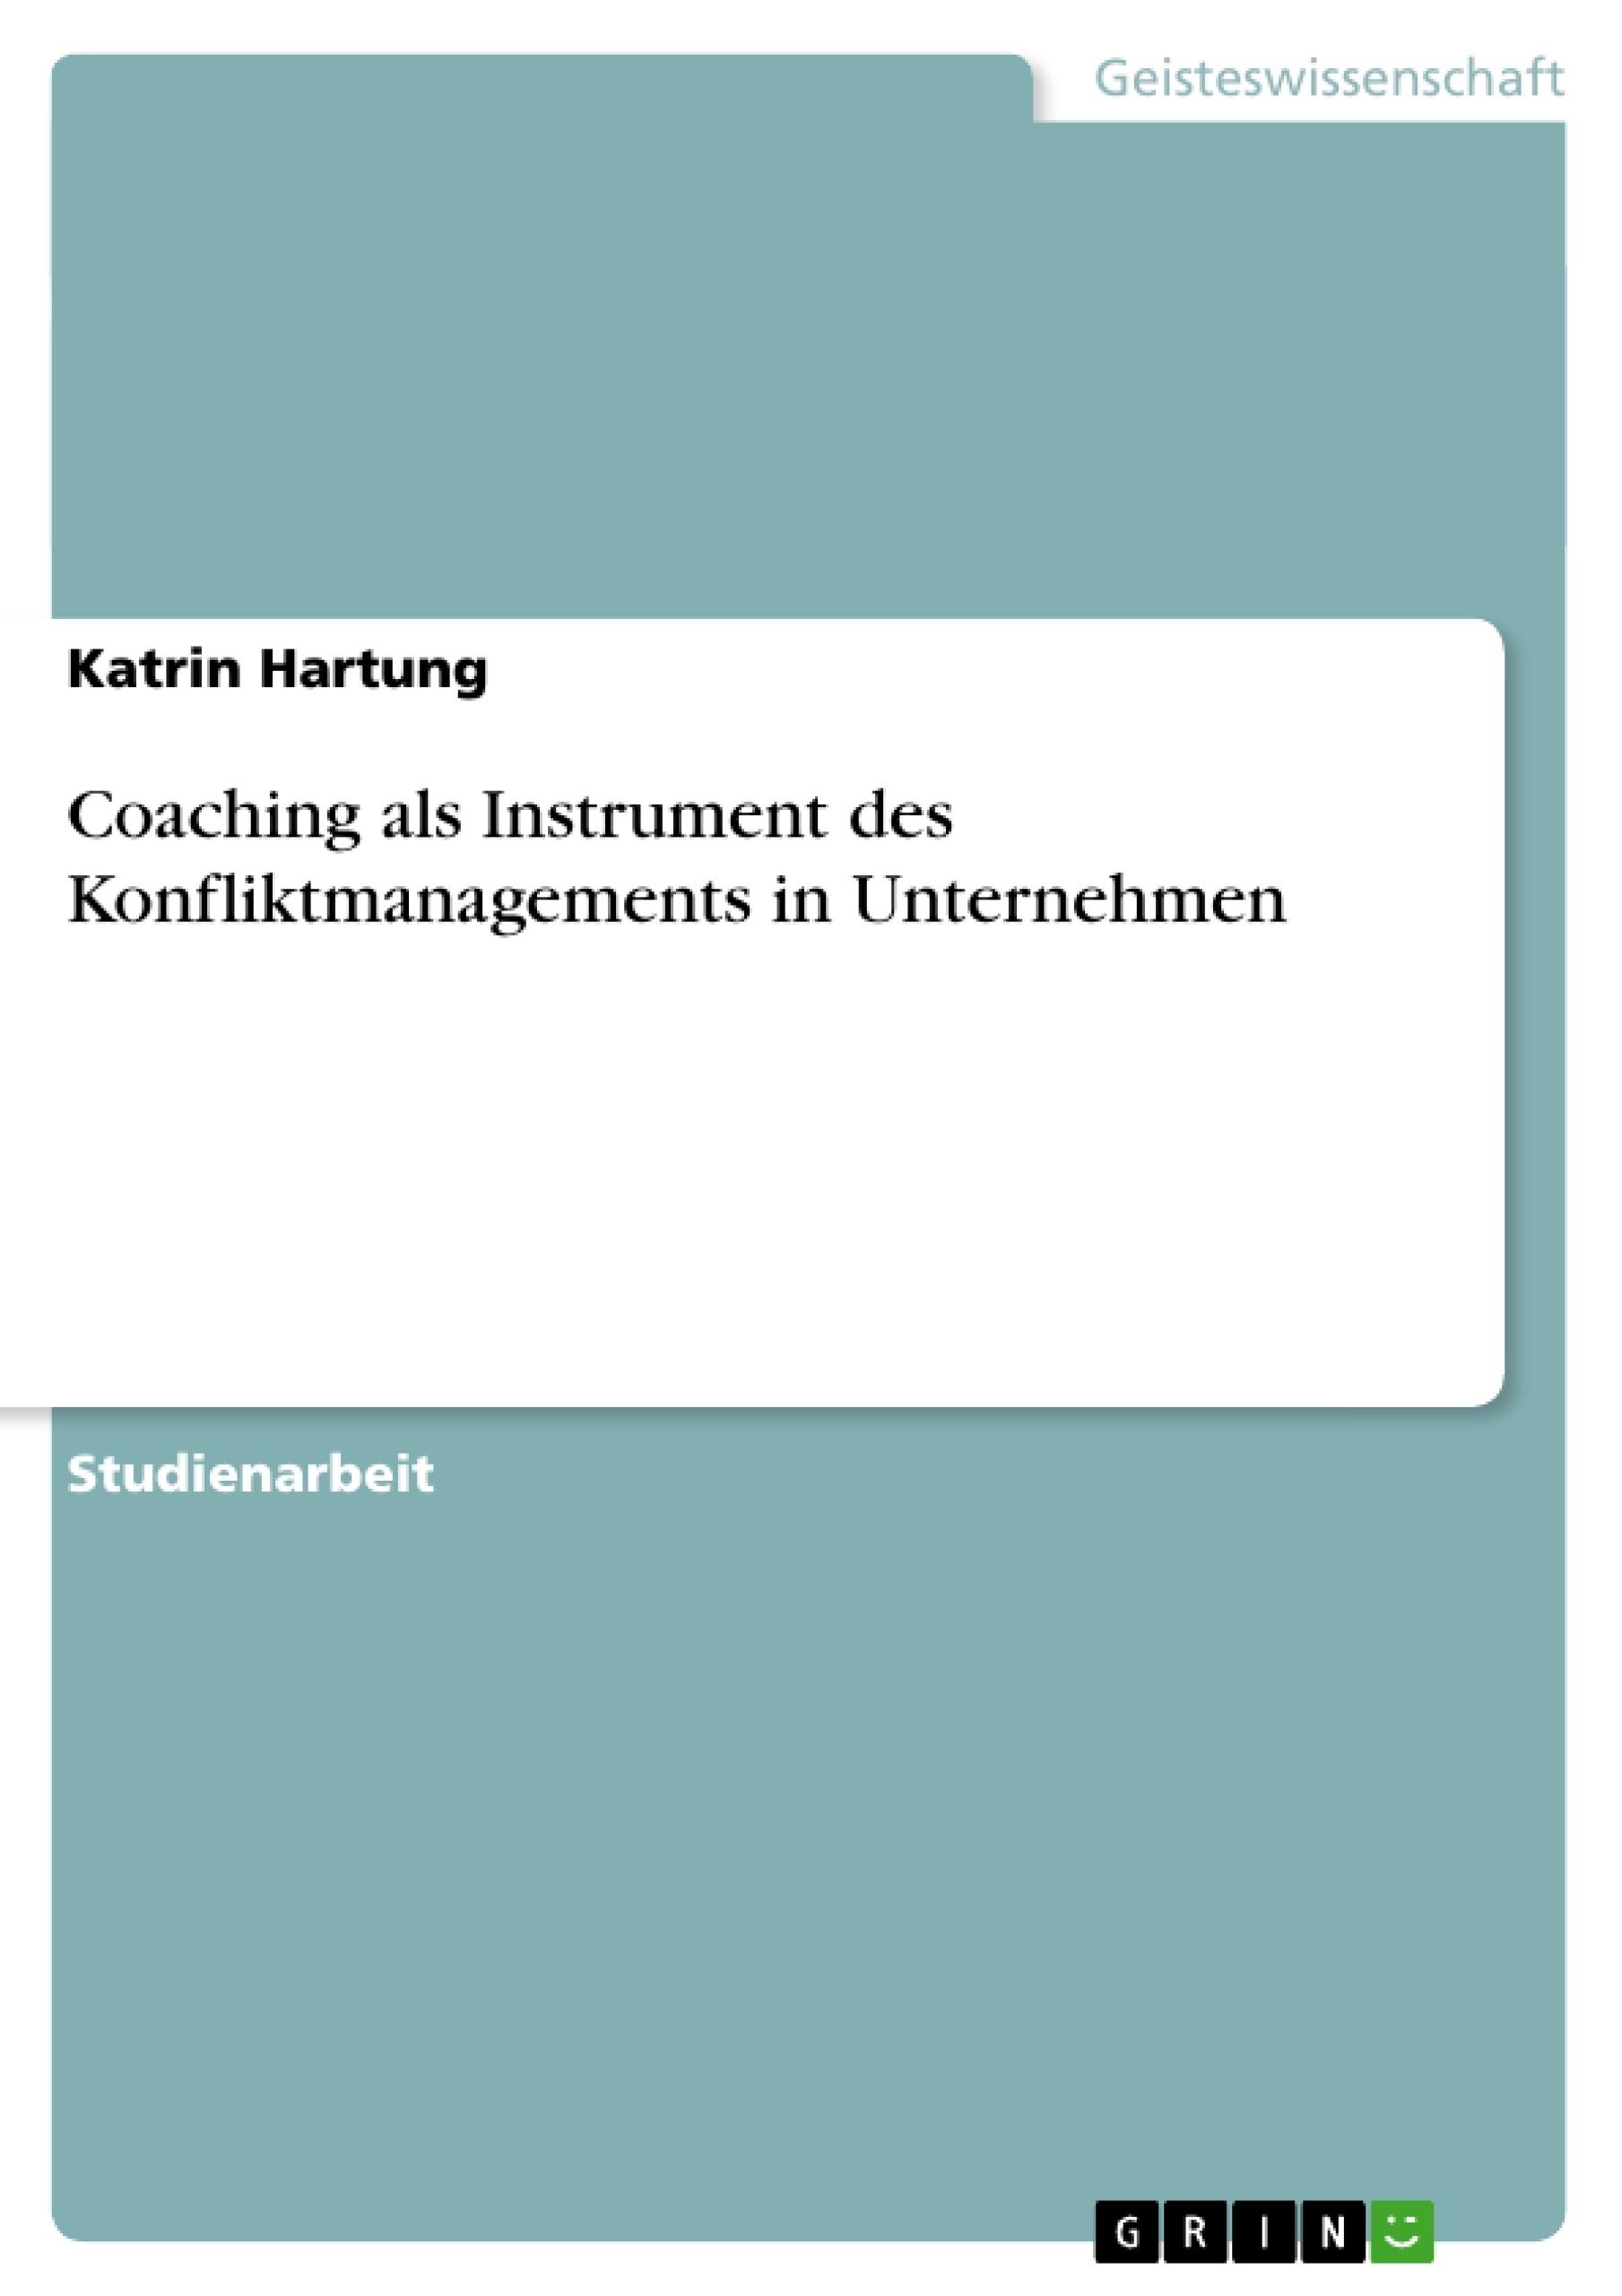 Titel: Coaching als Instrument des Konfliktmanagements in Unternehmen